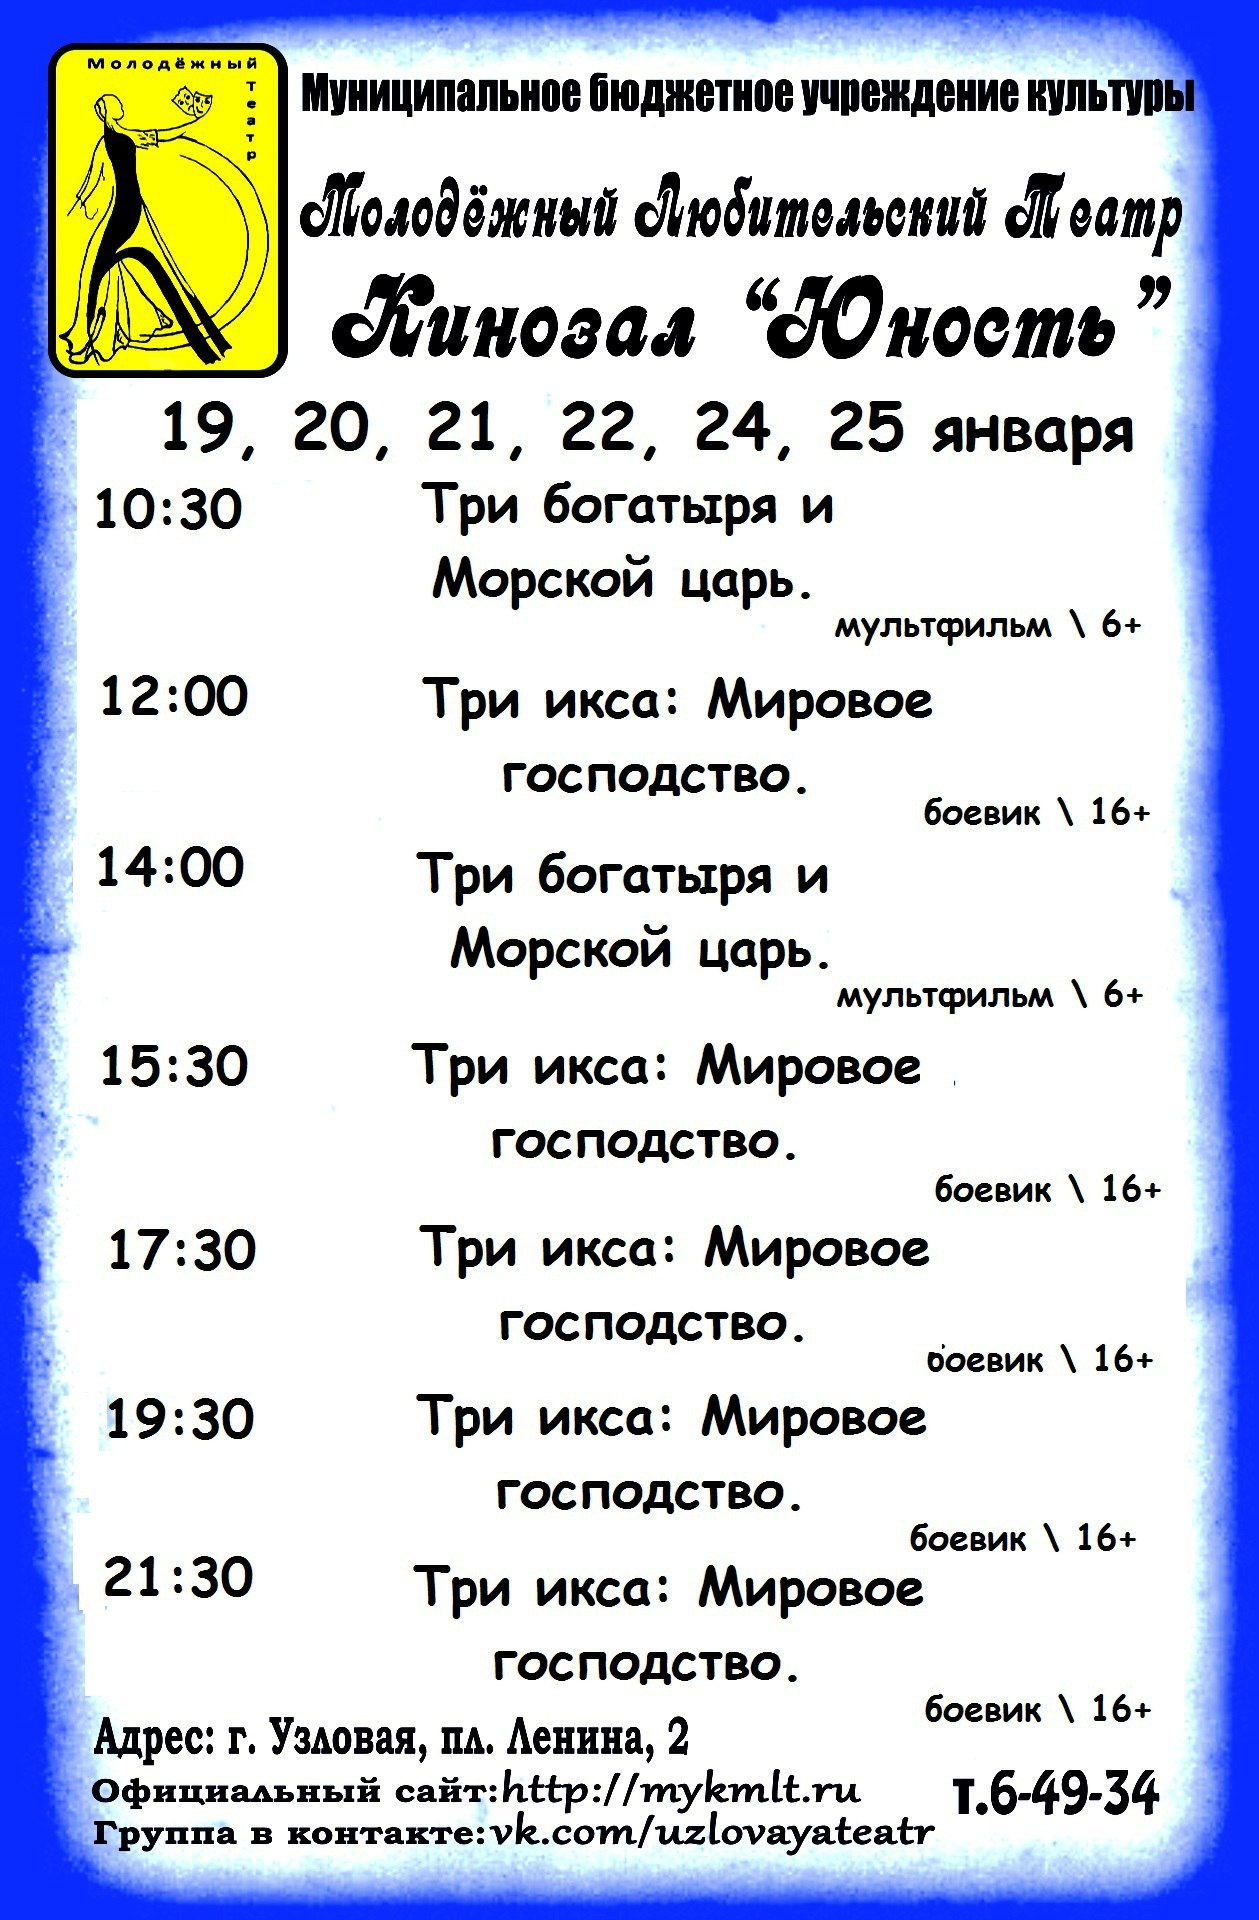 """Расписание кинозала """" Юность """" с 19 по 25 января"""